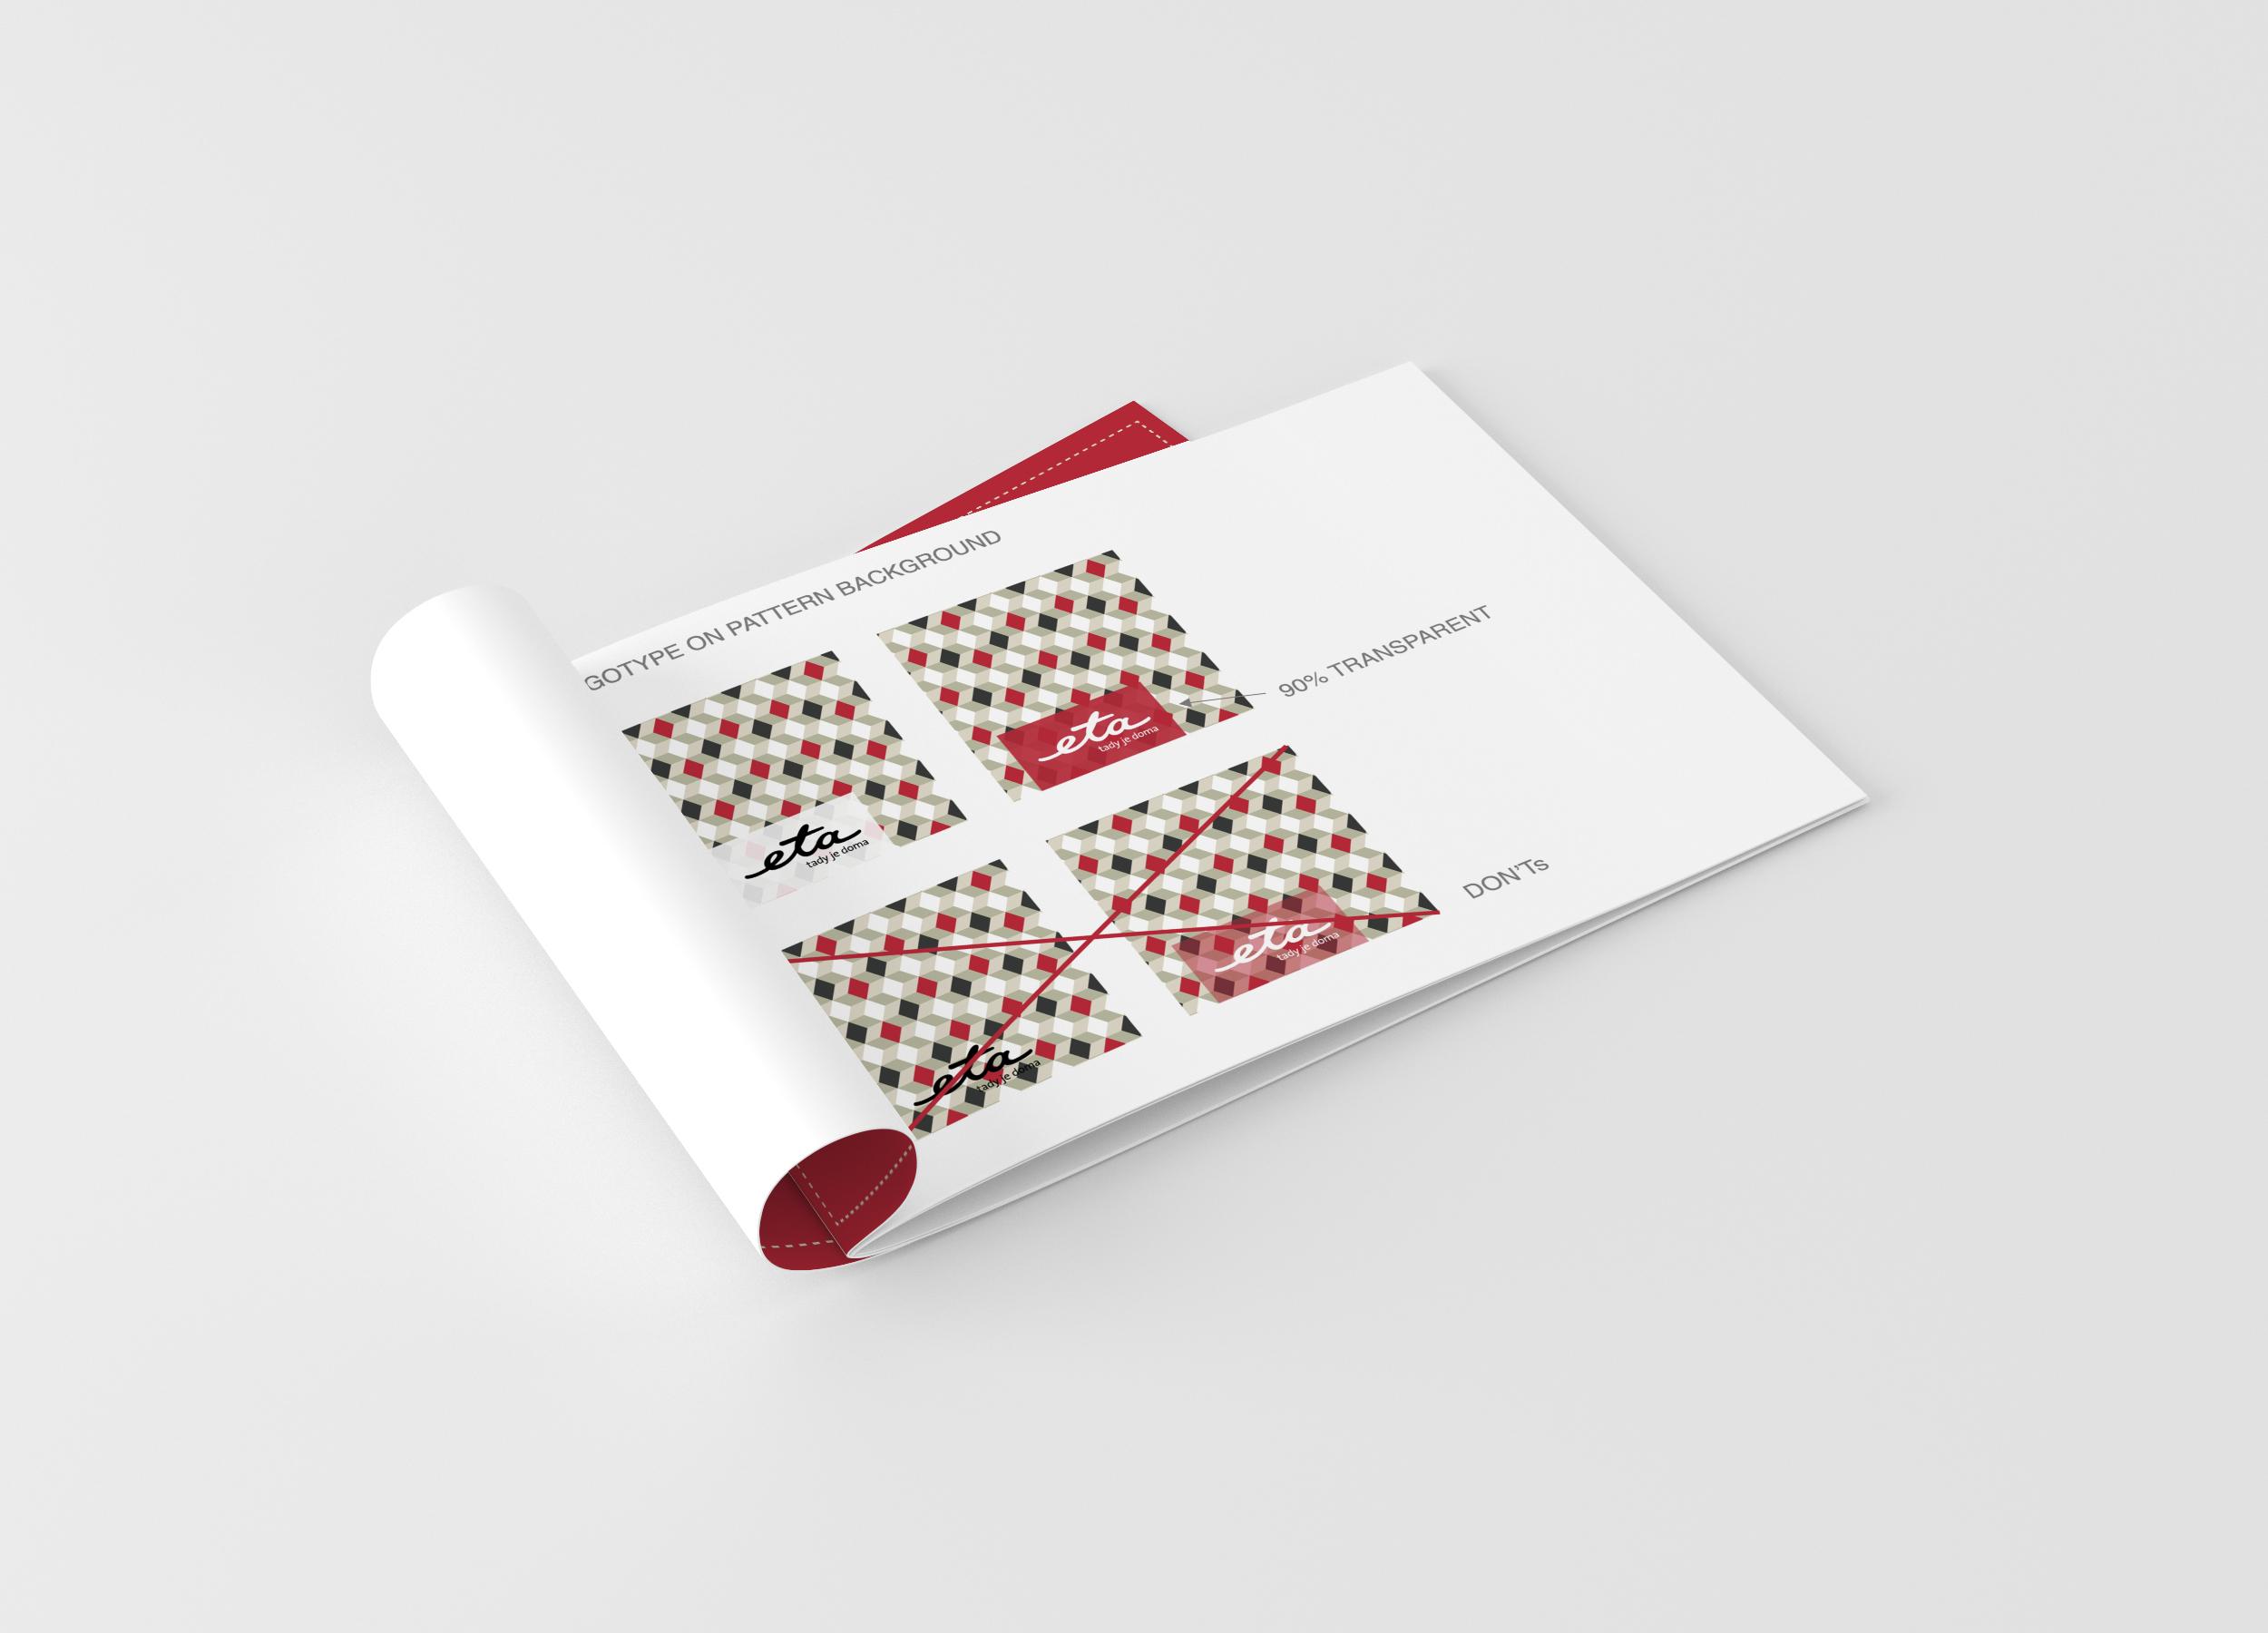 Eta 75 kampan design vizualni styl